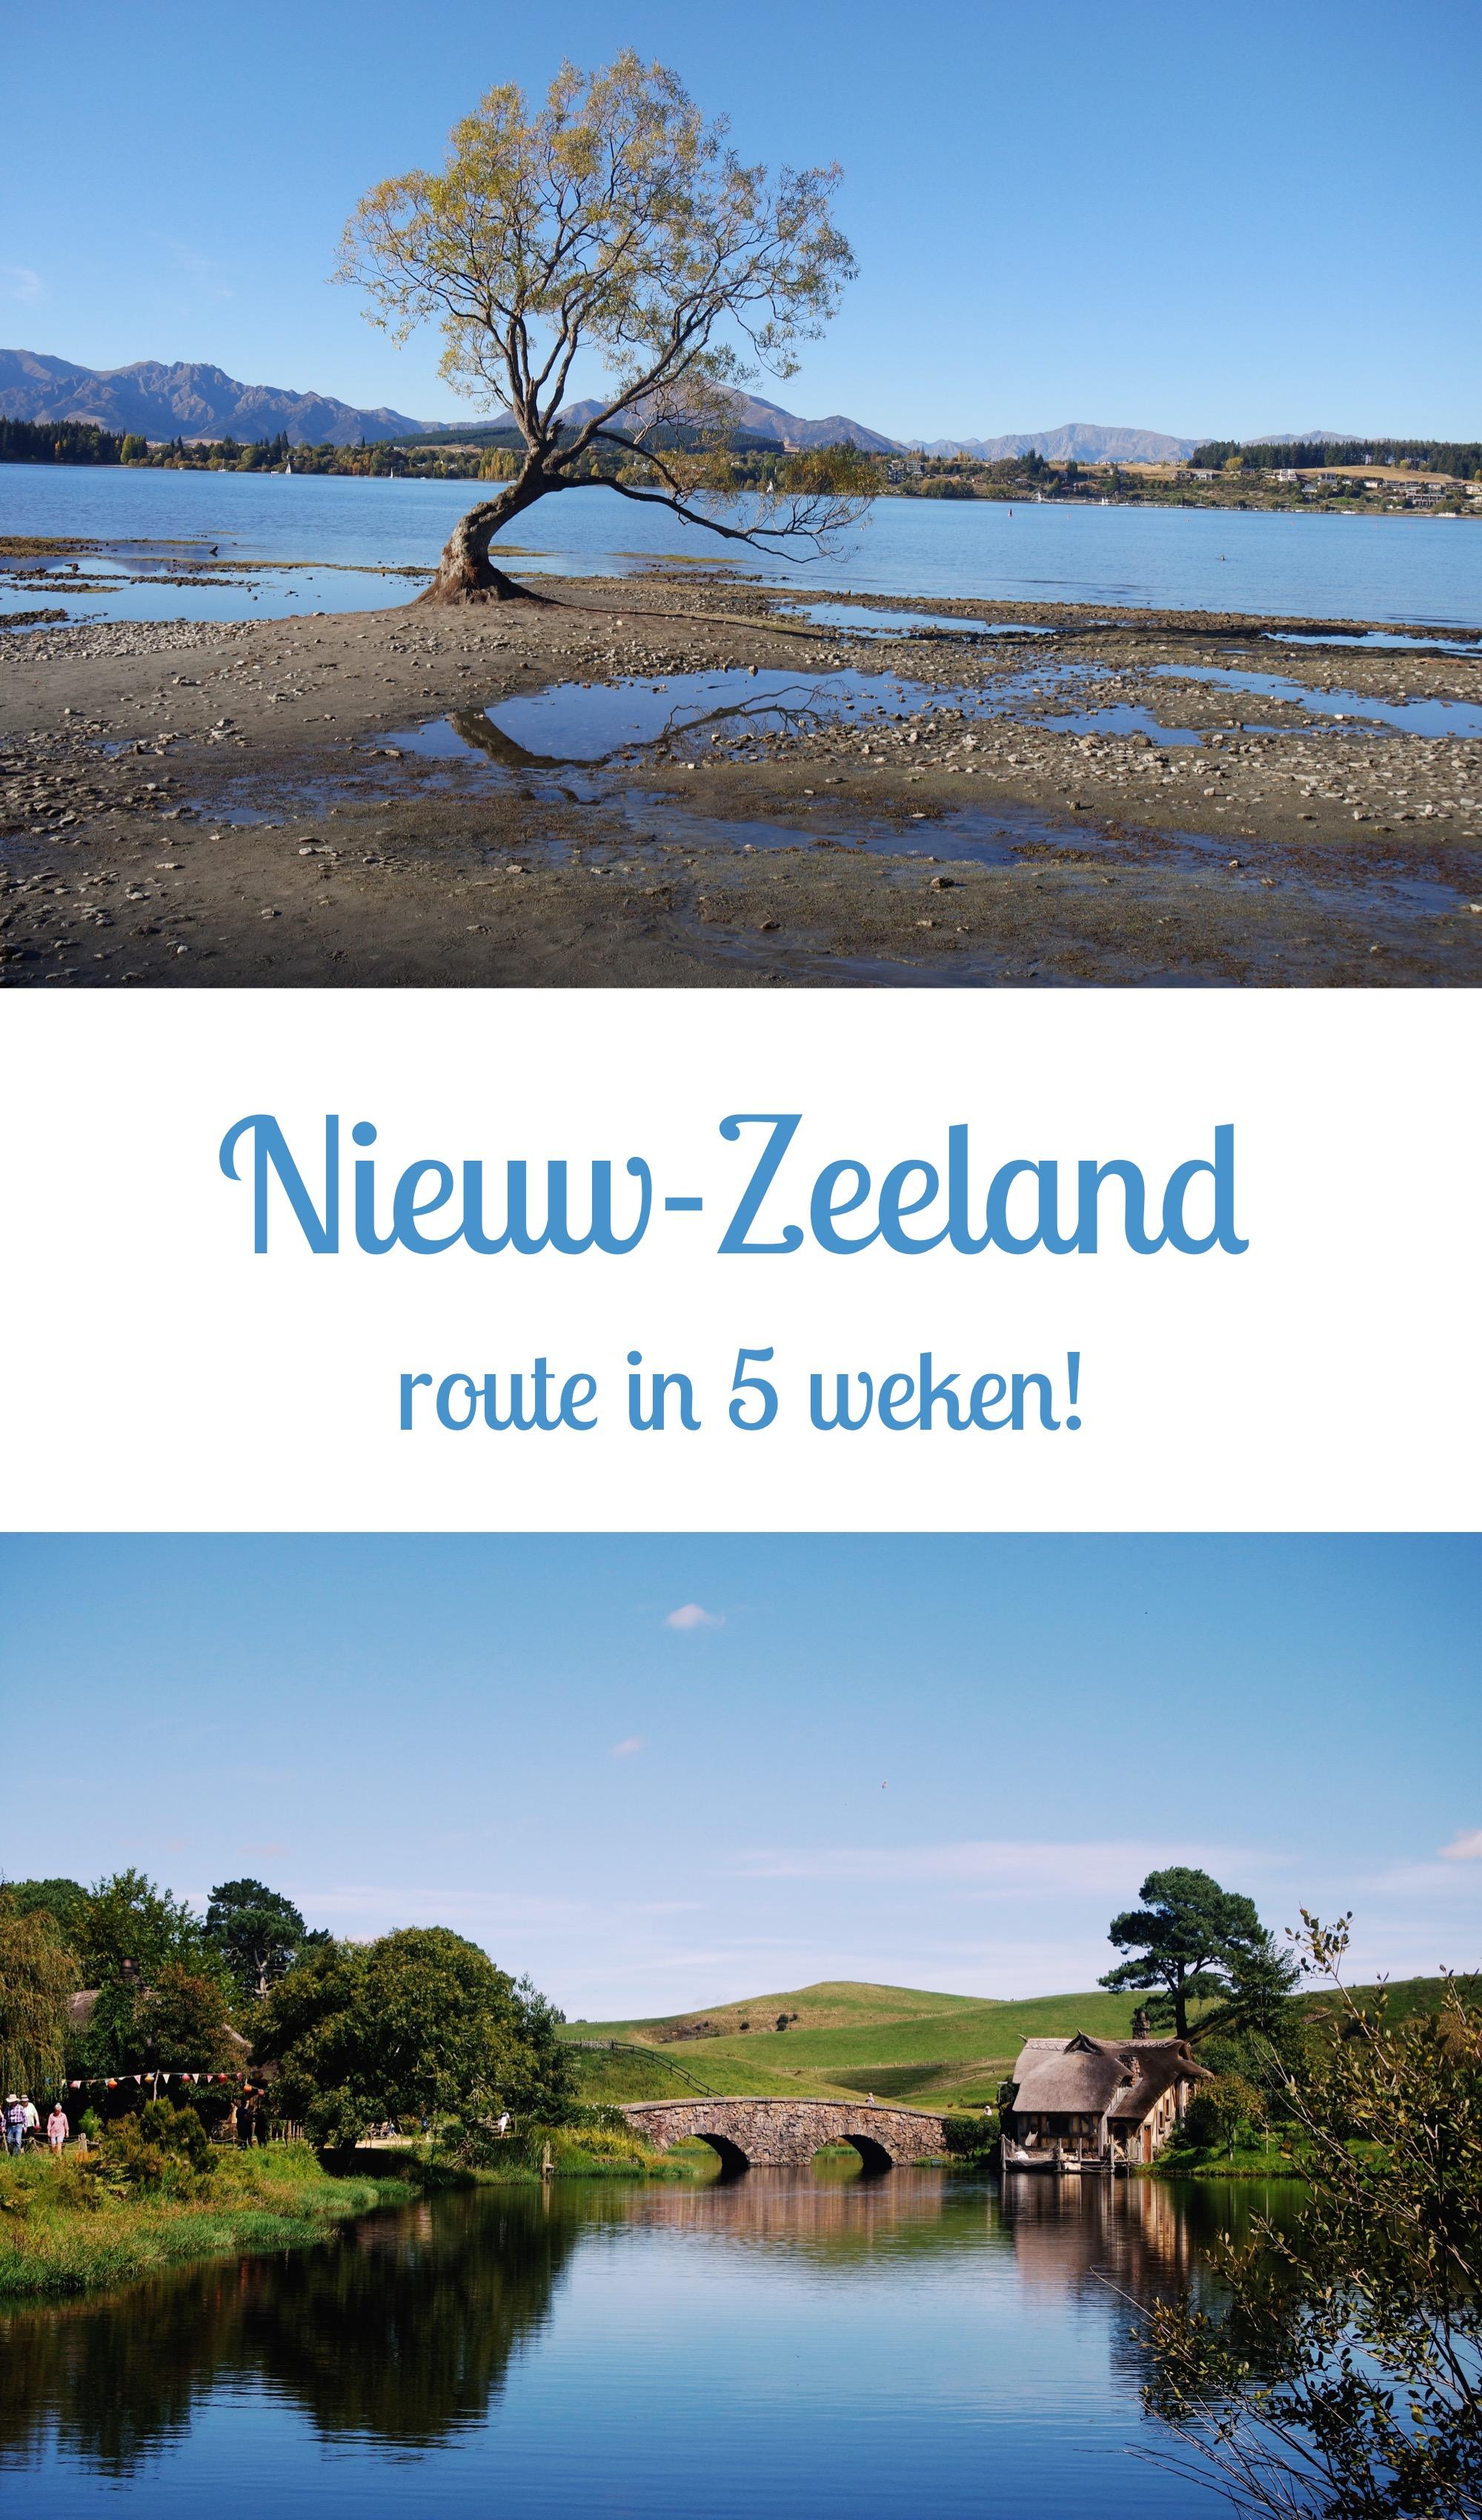 Nieuw-Zeeland: Route in 5 Weken